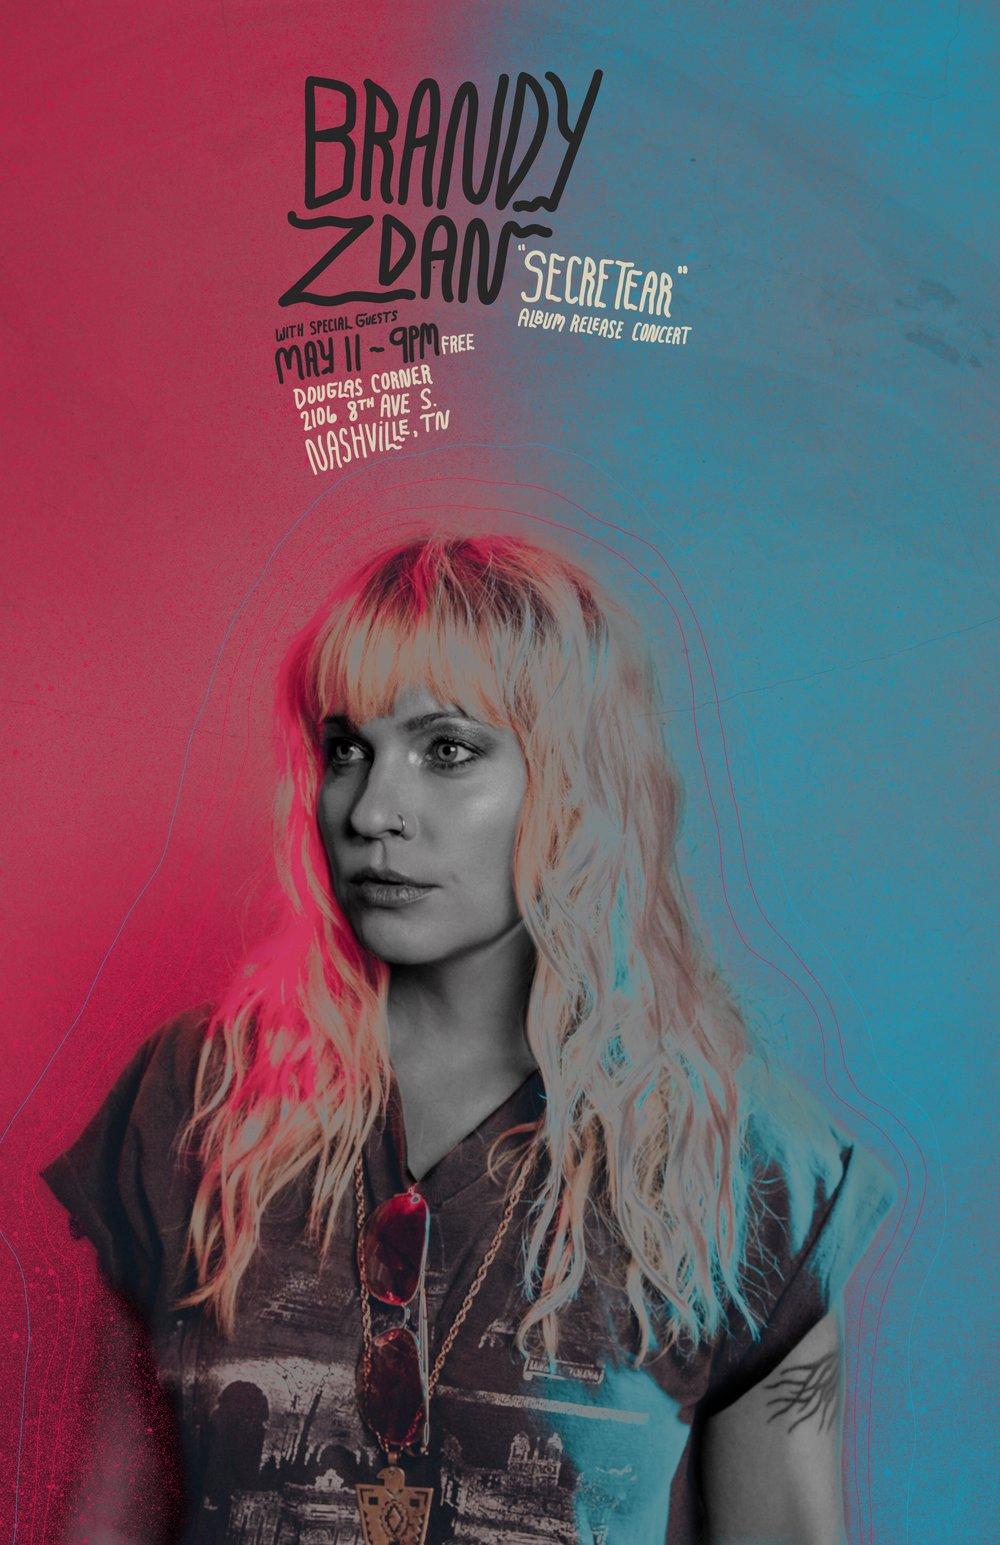 Brandy Zdan Album Release Show Flyer